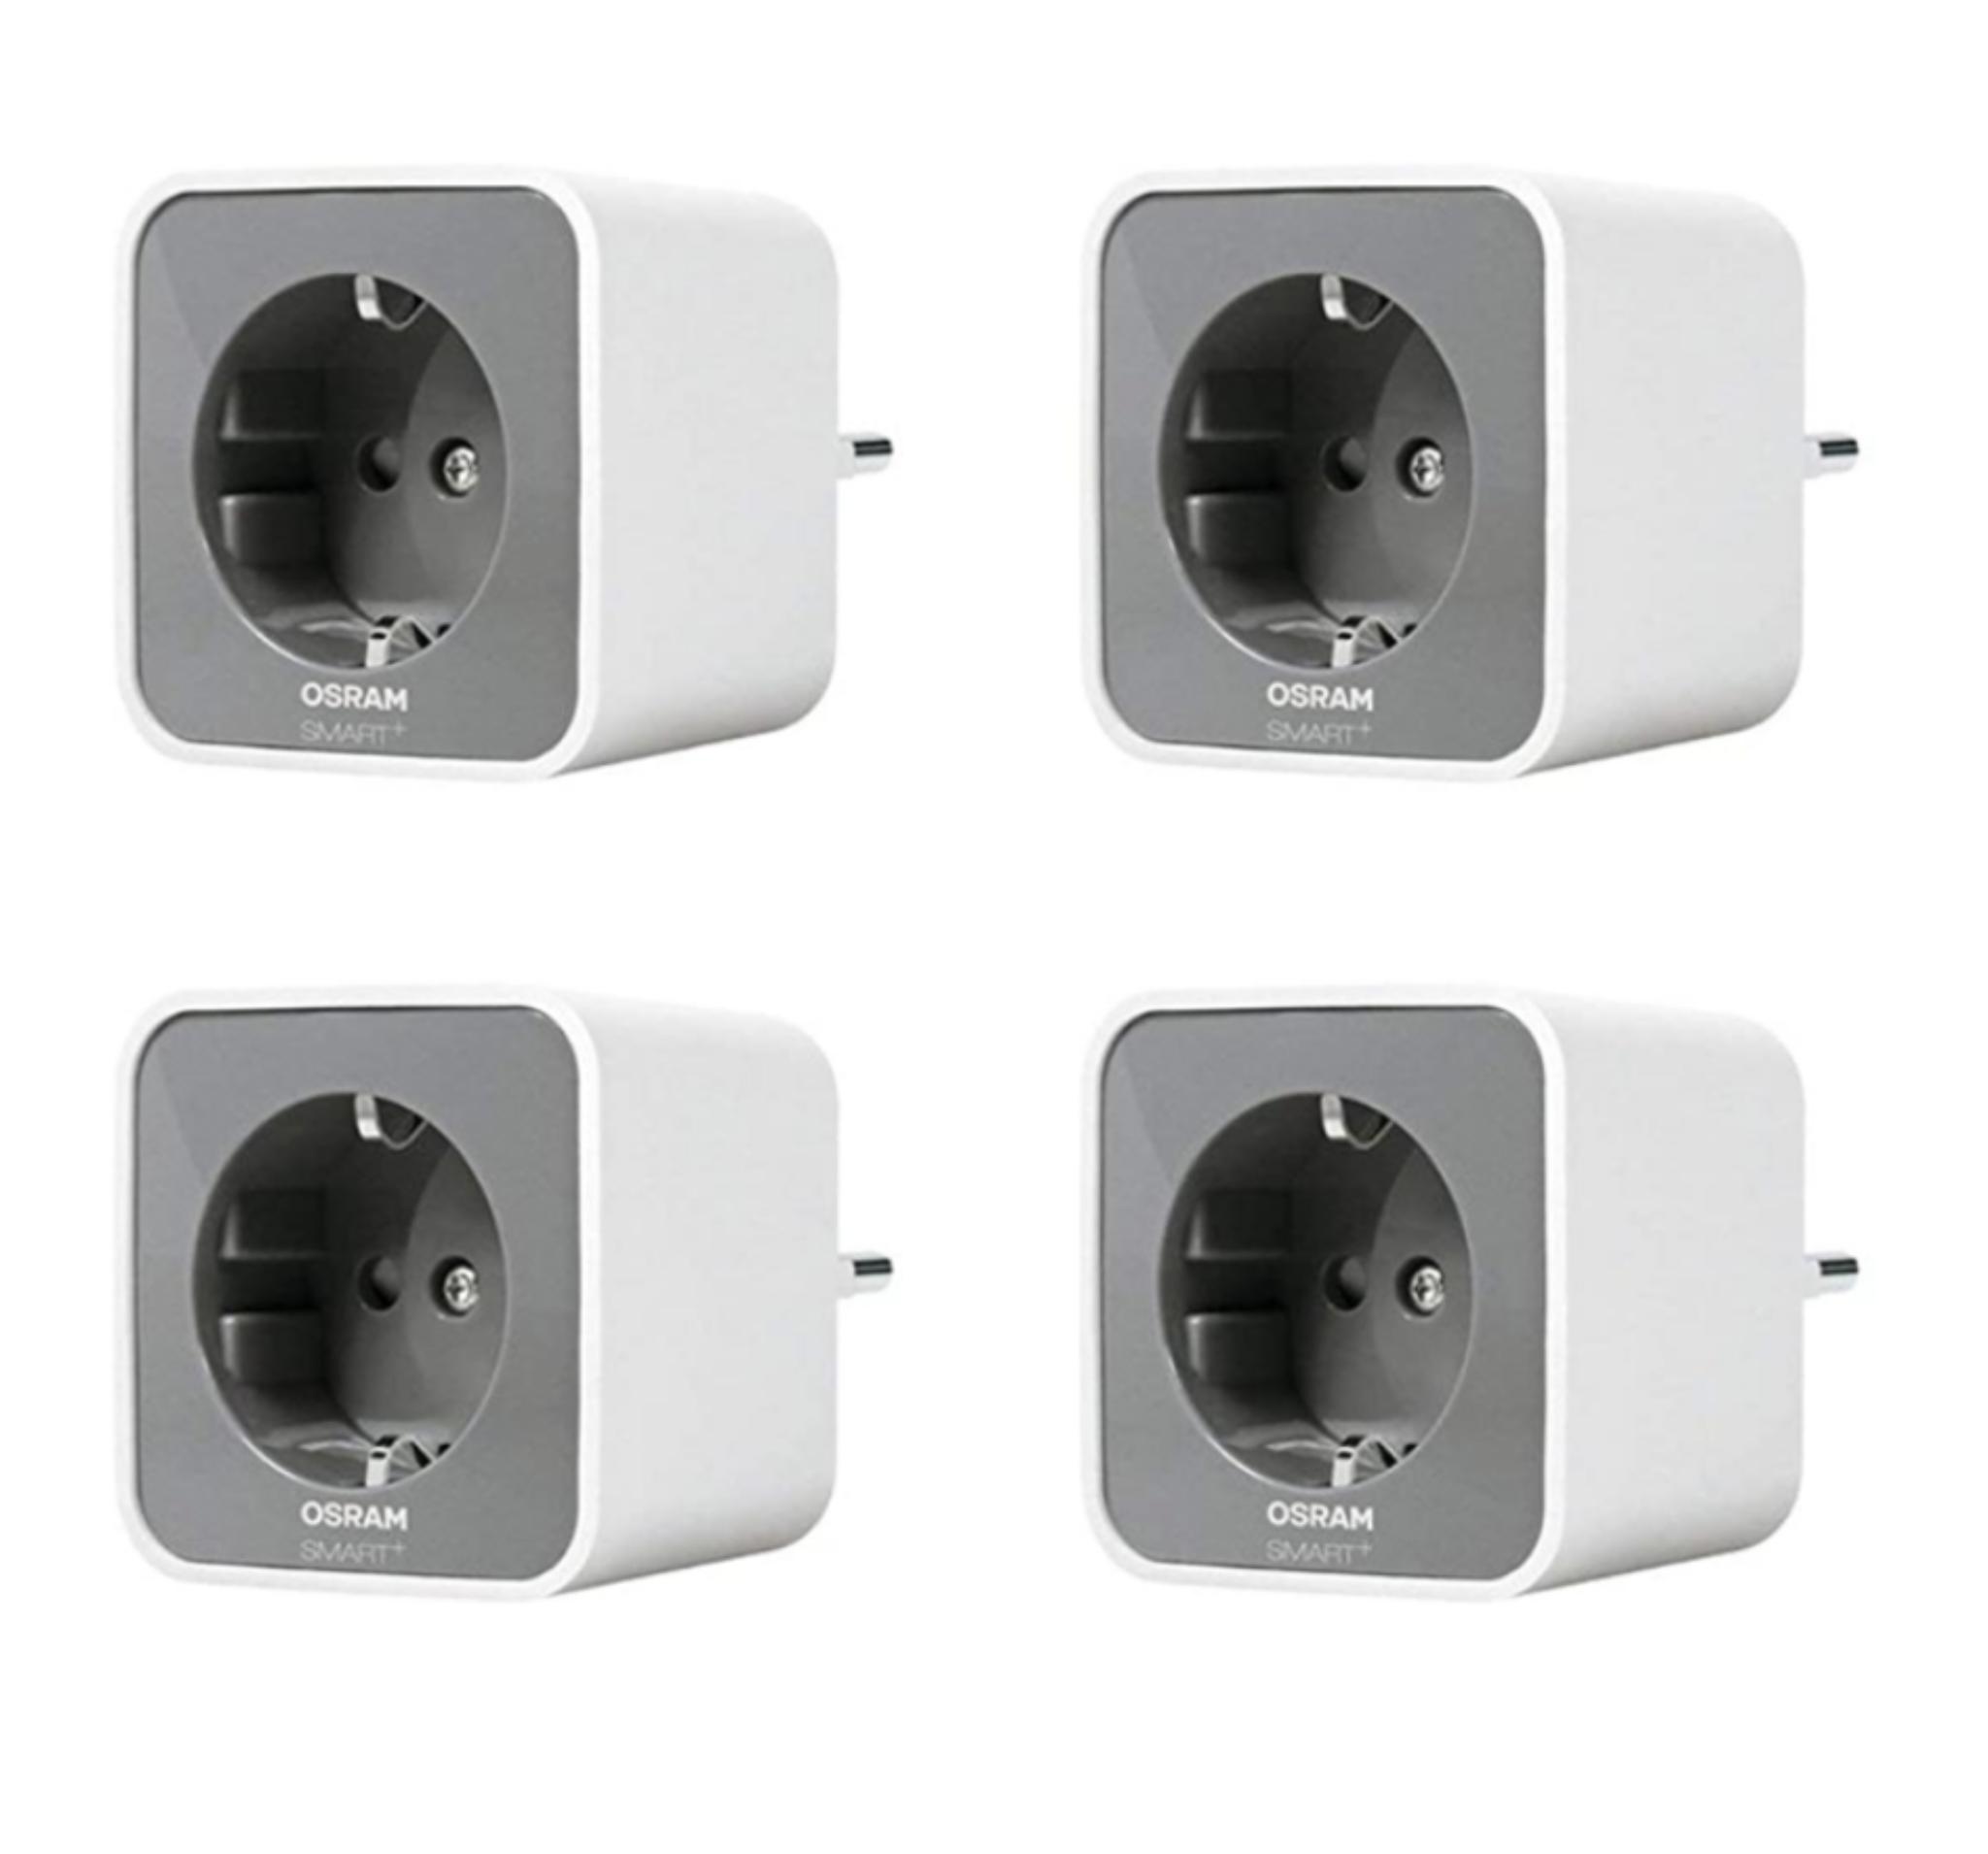 OSRAM Smart+ Plug, ZigBee schaltbare Steckdose | 4er Pack